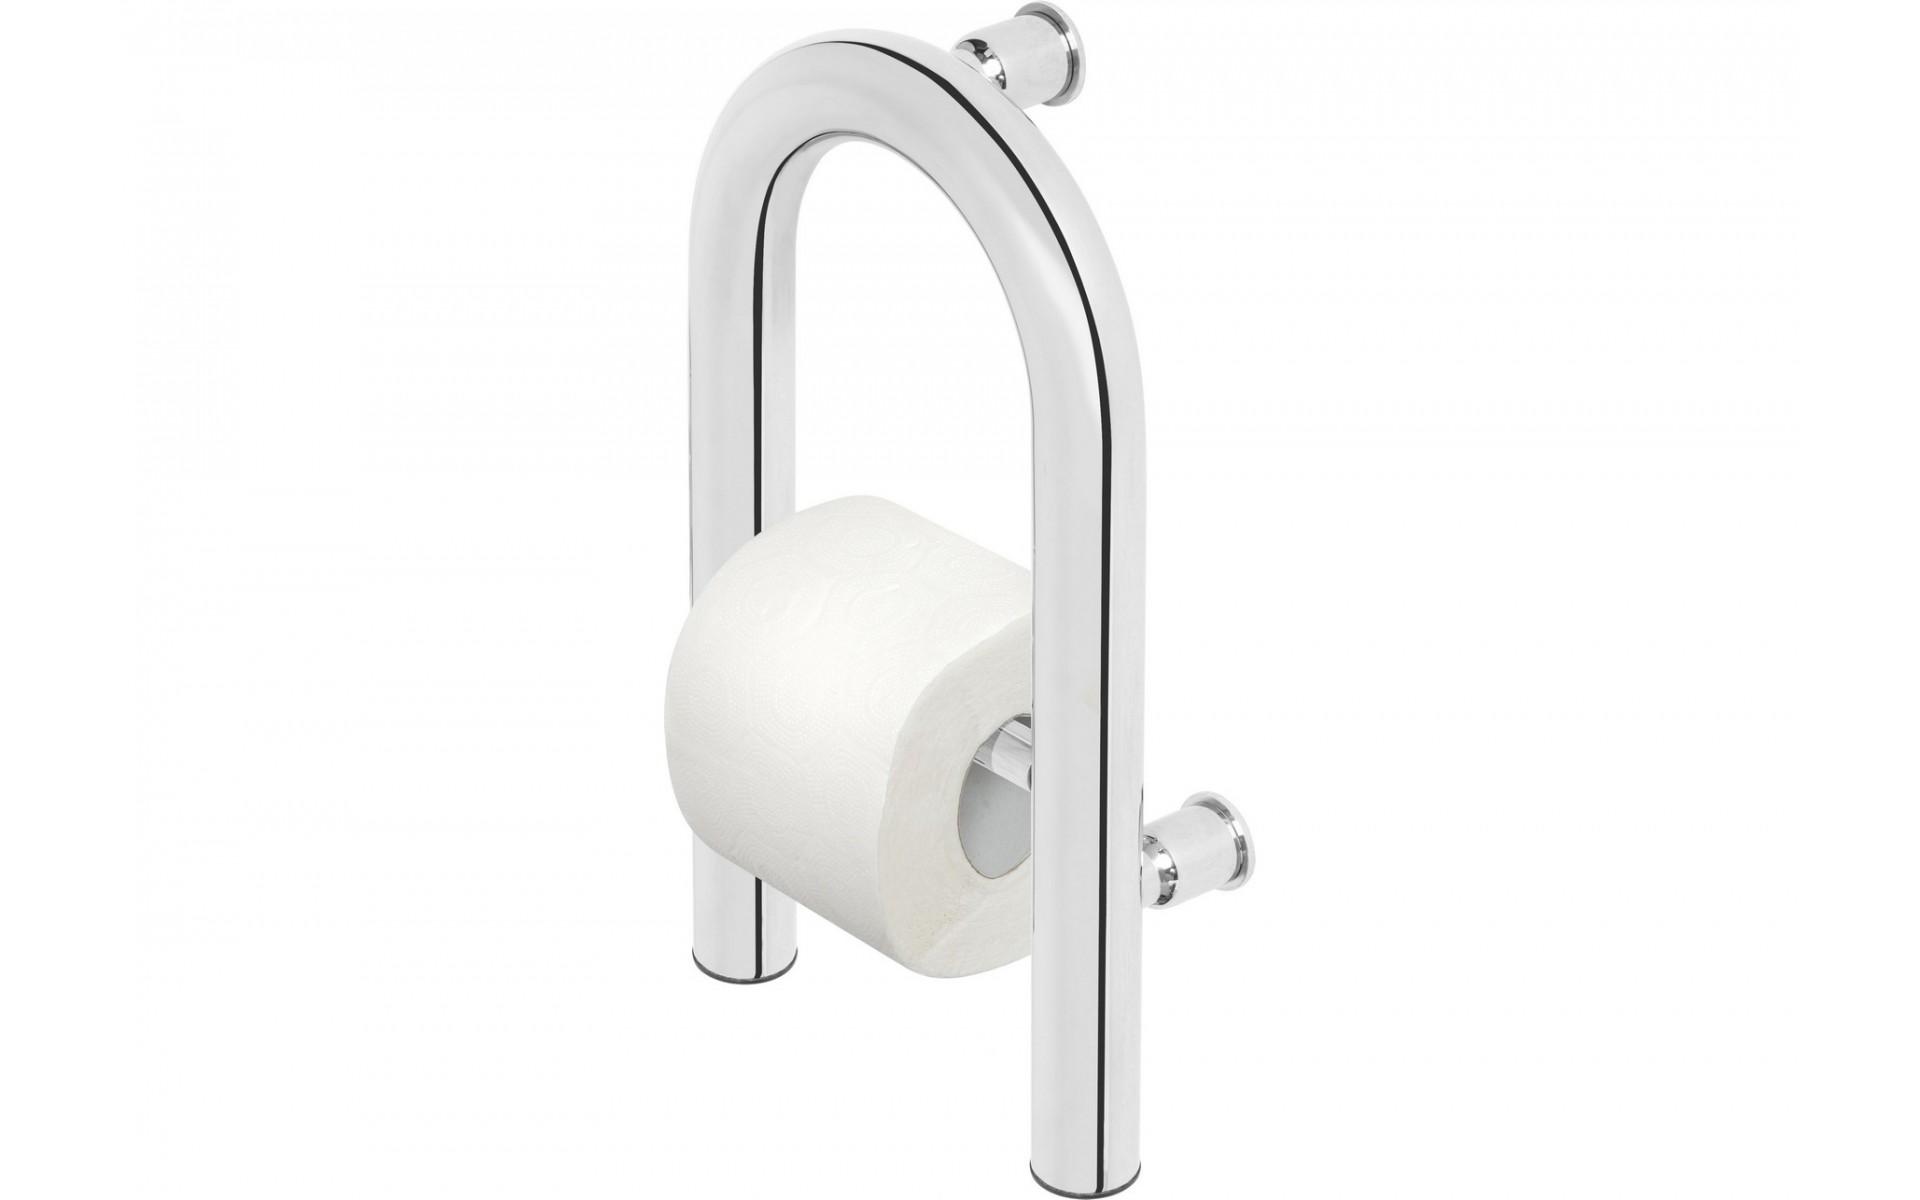 Uchwyt toaletowy to doskonała pomoc w trakcie korzystania z toalety.